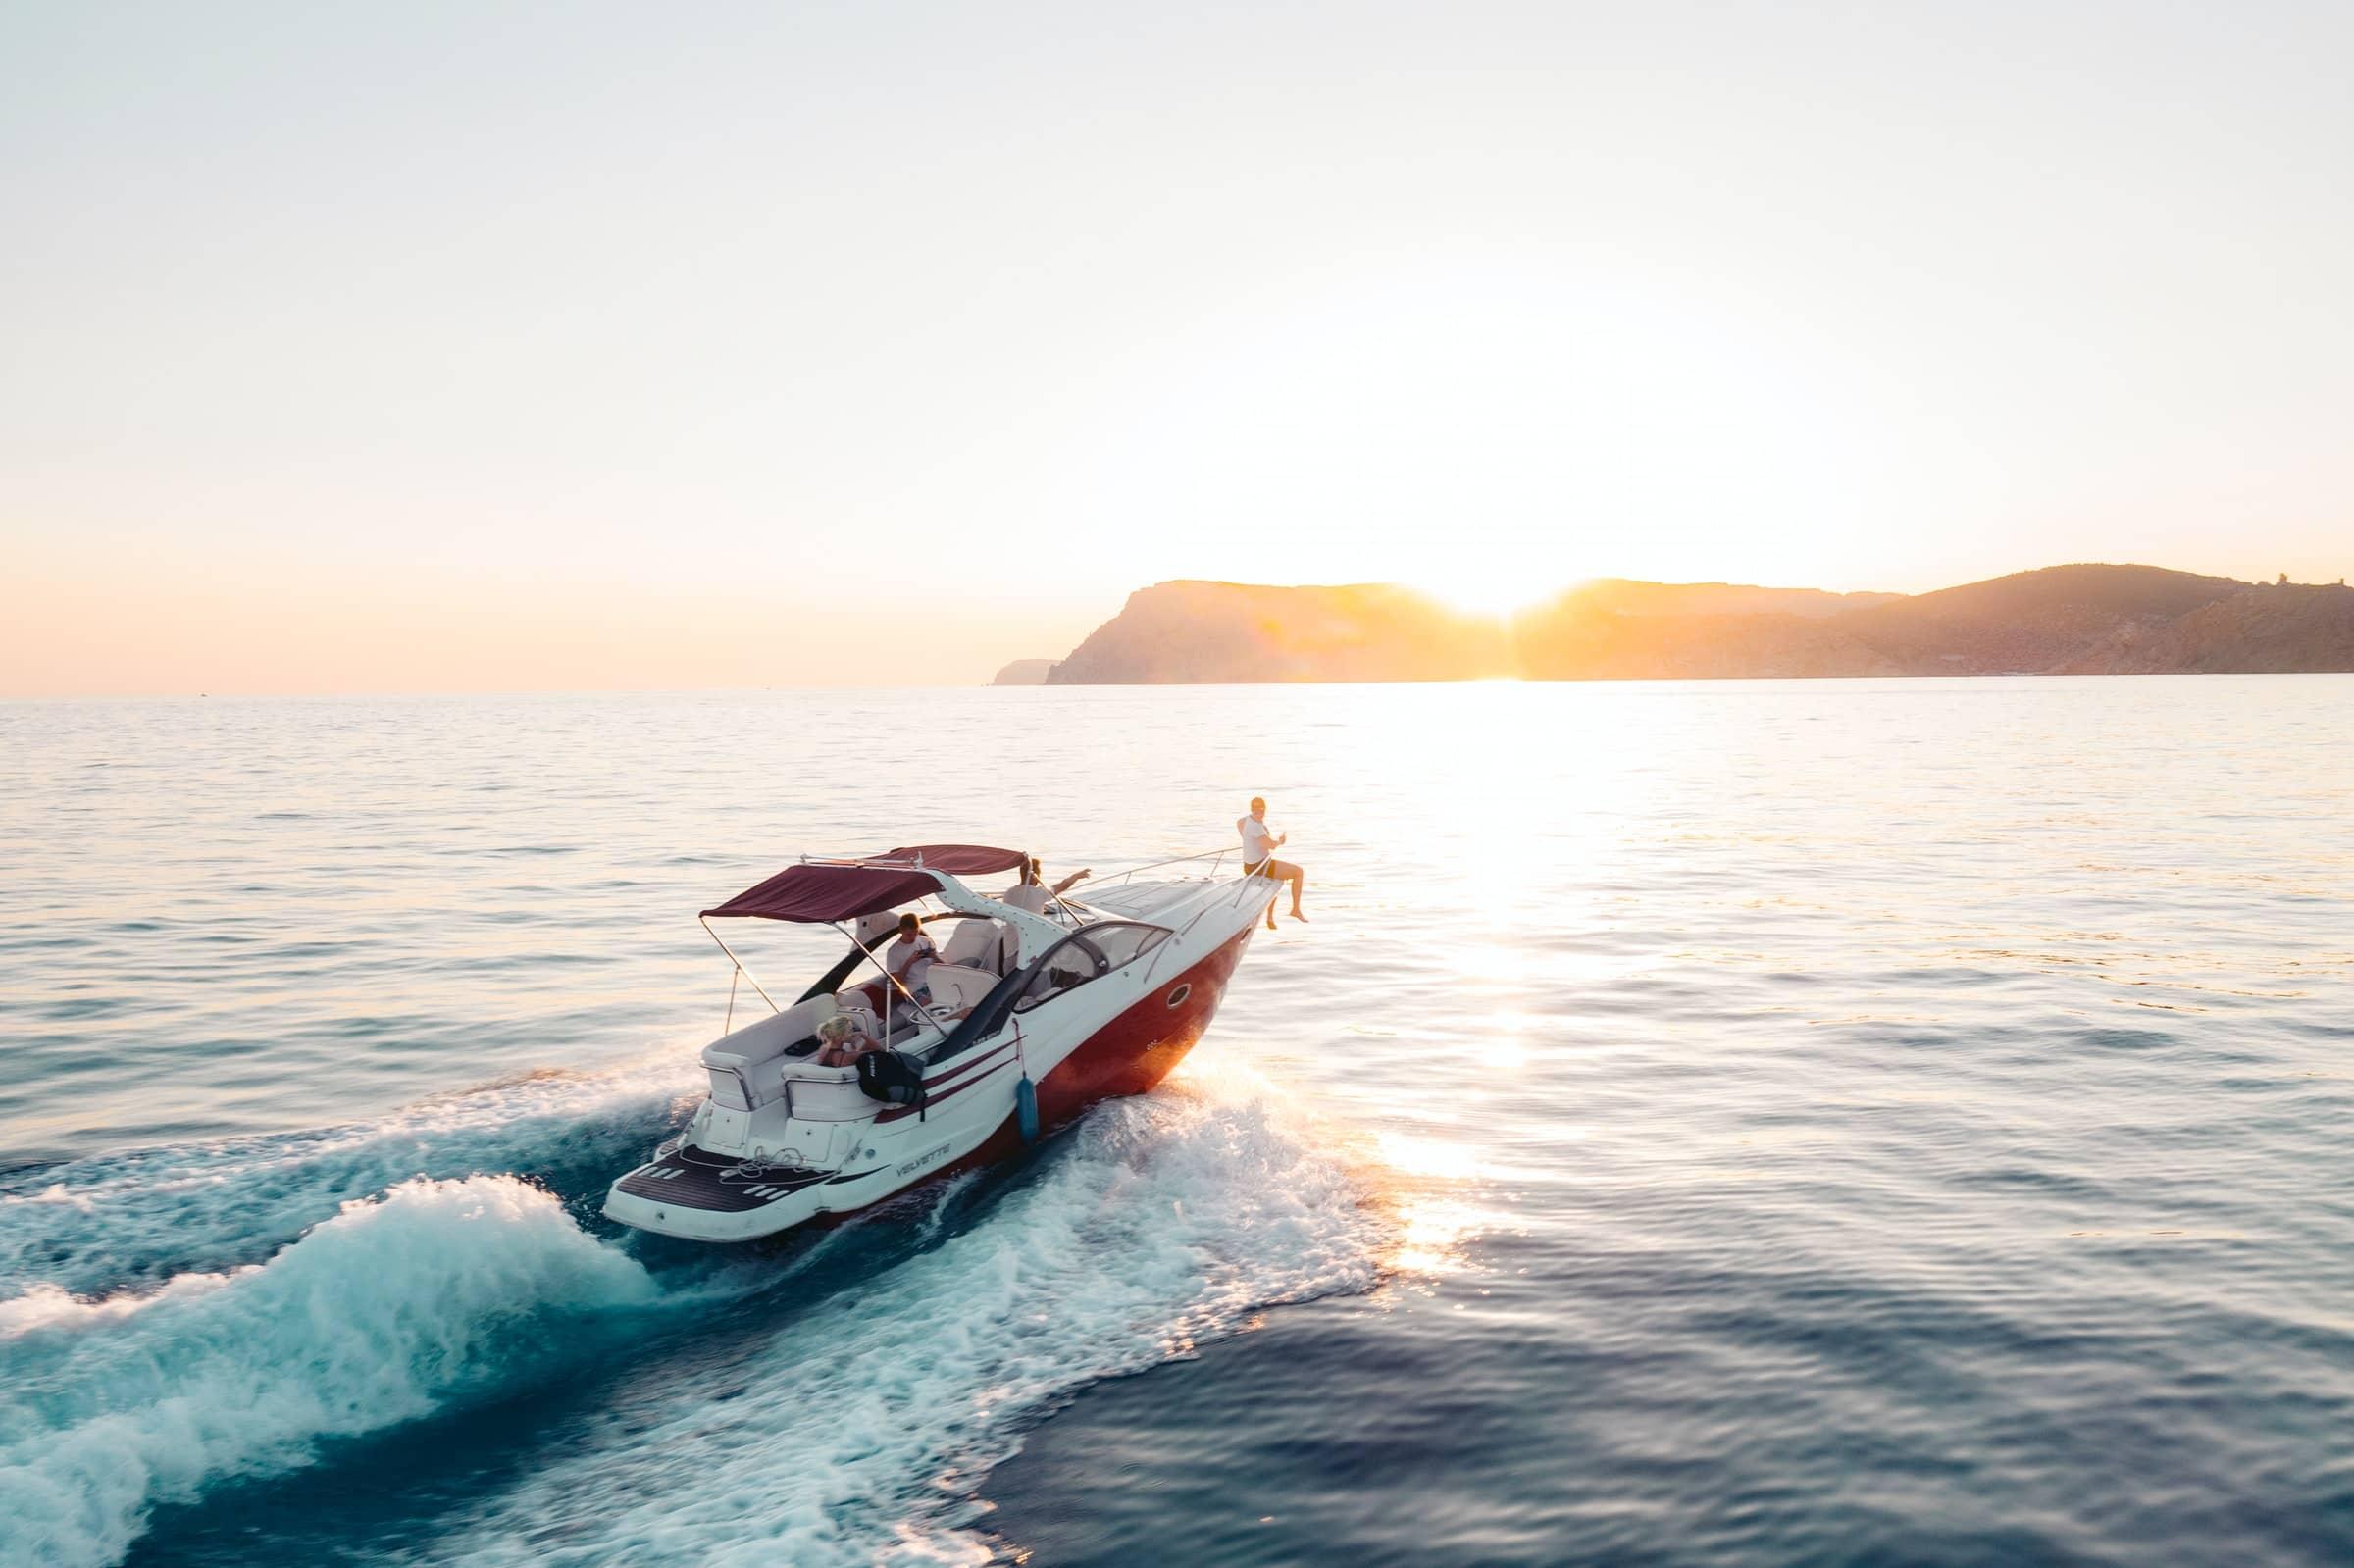 Webdesign Projekt - Sportbootklink Inhaber Julian Weingärtner - Sportboot auf dem Meer.